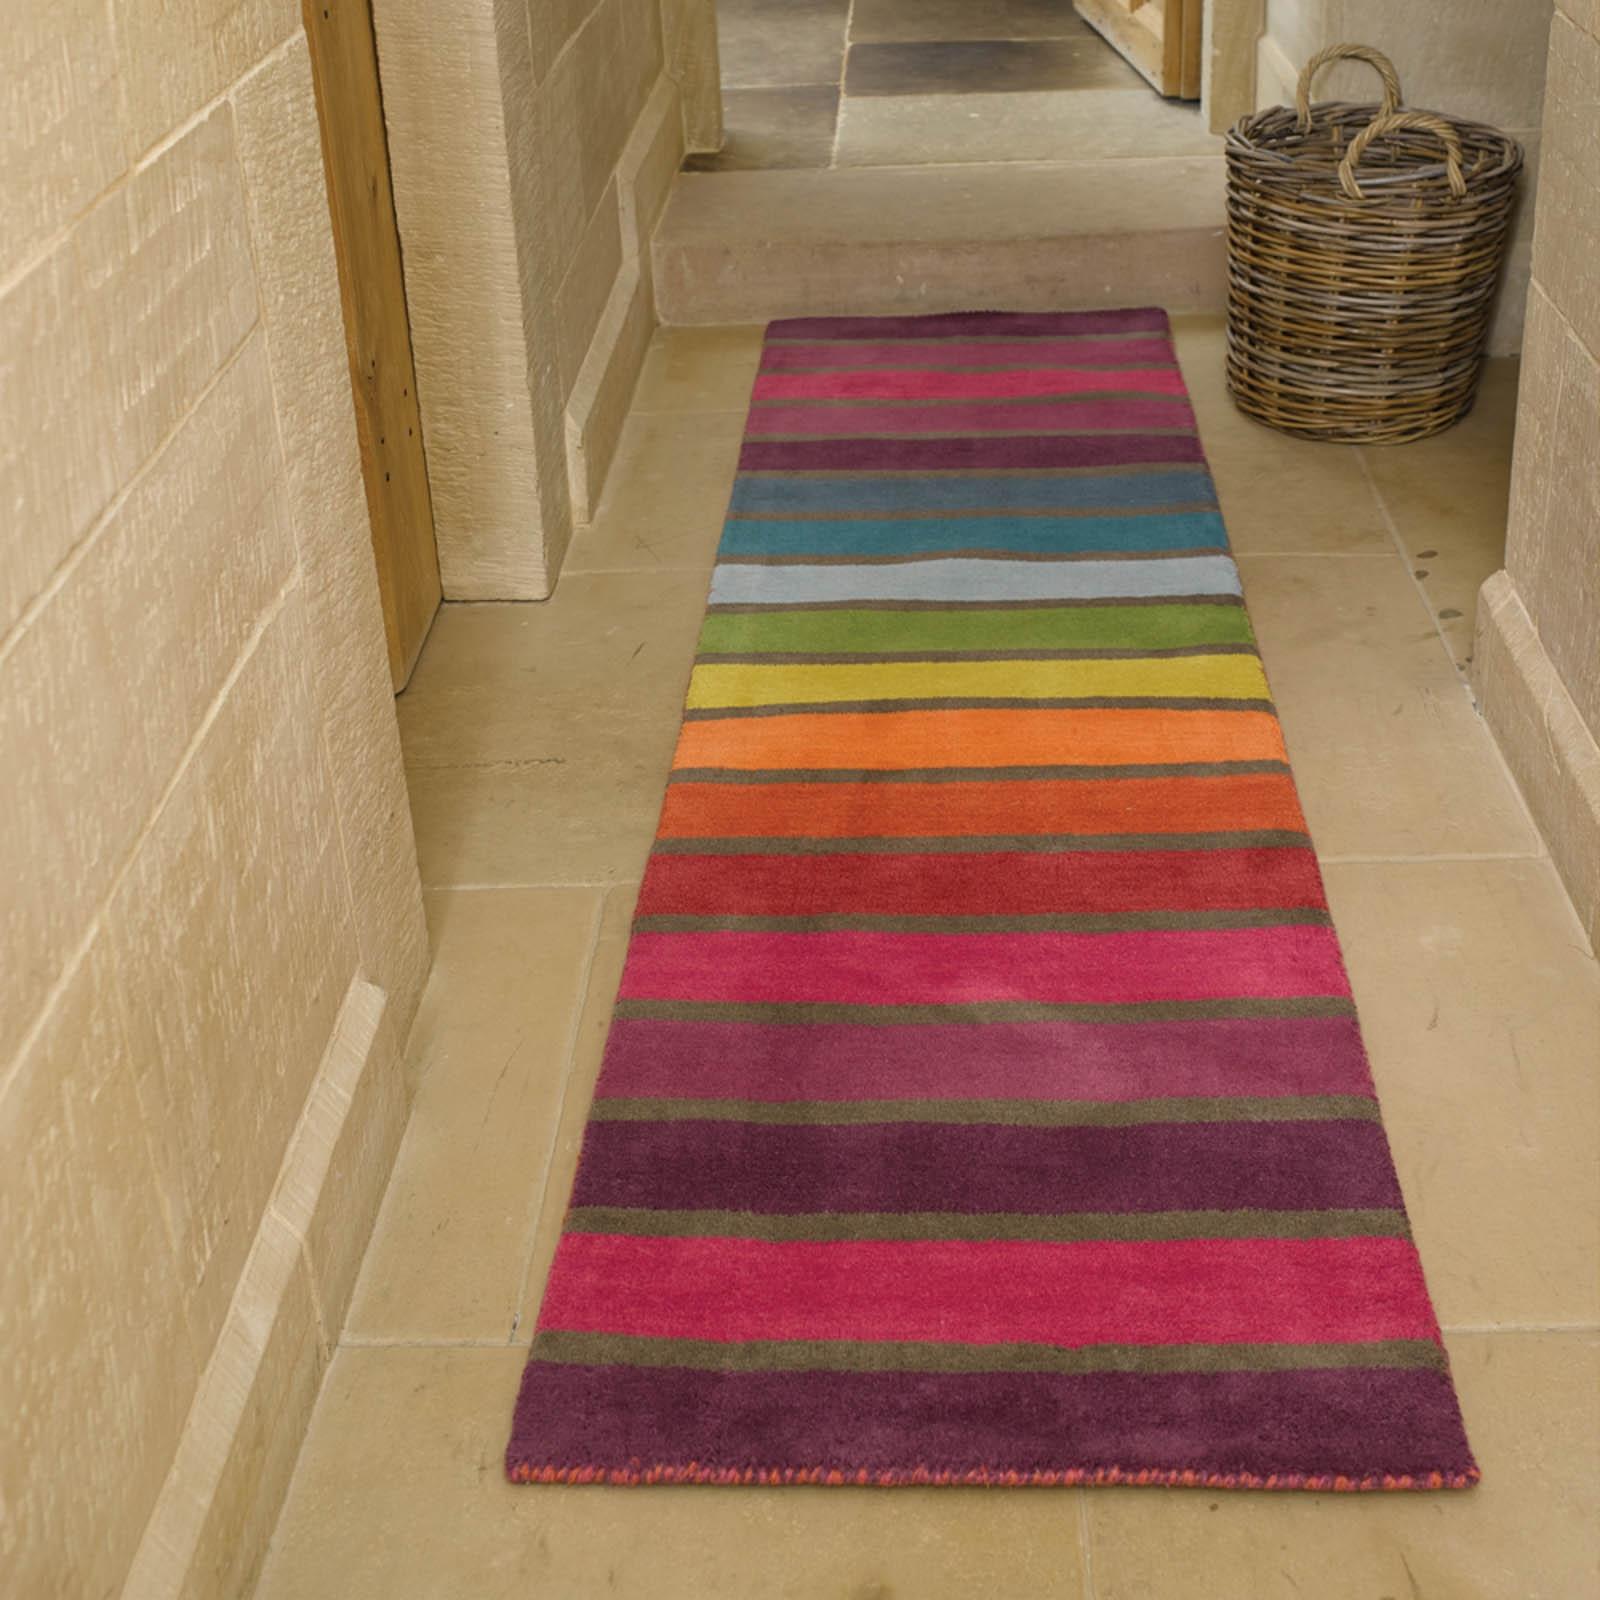 Flooring Lovely Hallway Runners For Floor Decor Idea Pertaining To Modern  Runner Rugs For Hallway (